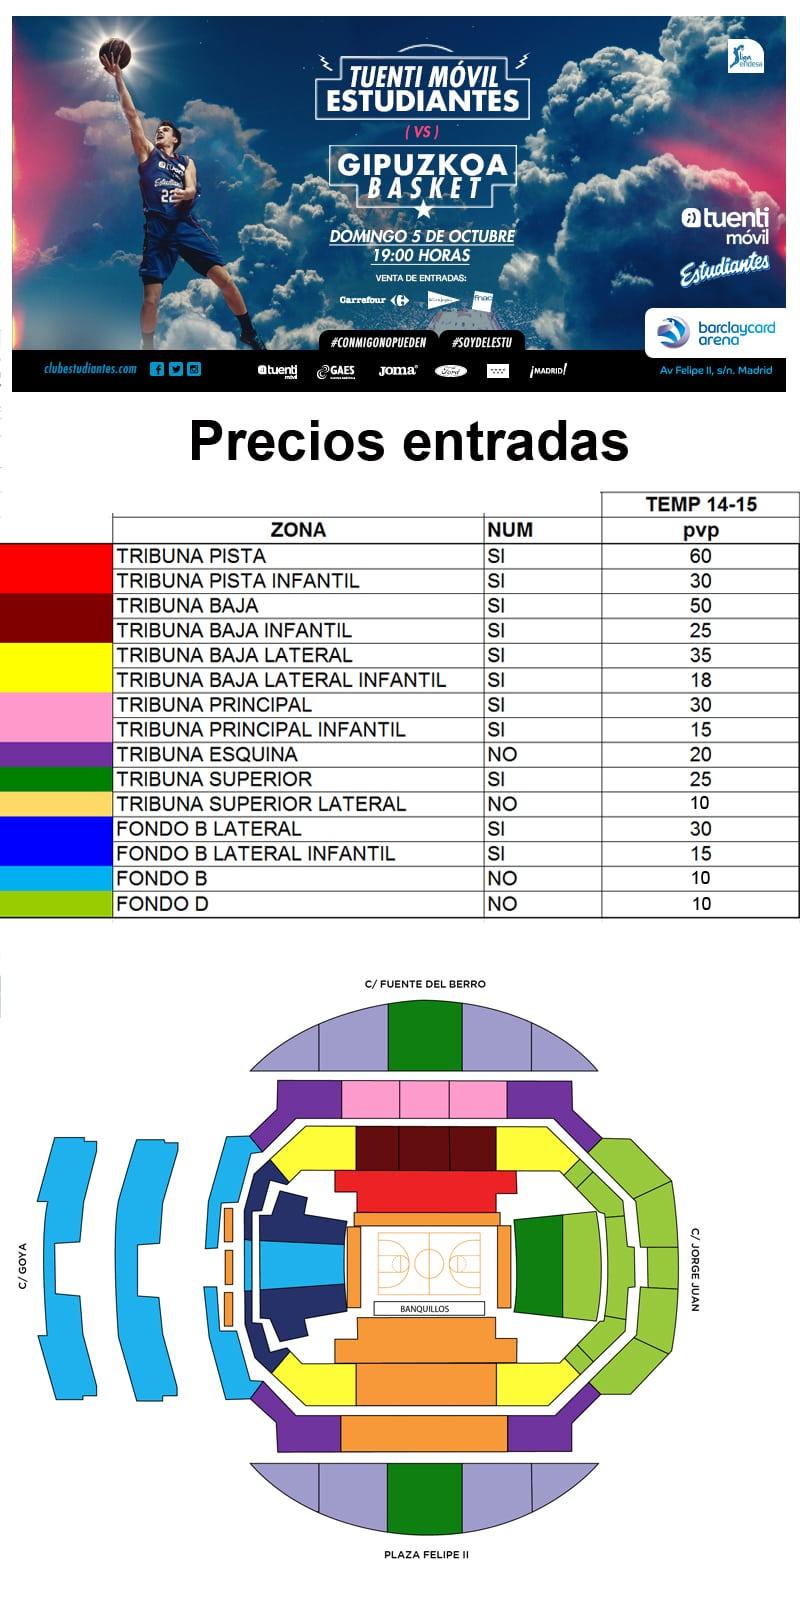 Precios entradas vs Gipuzkoa Basket desde 10 euros